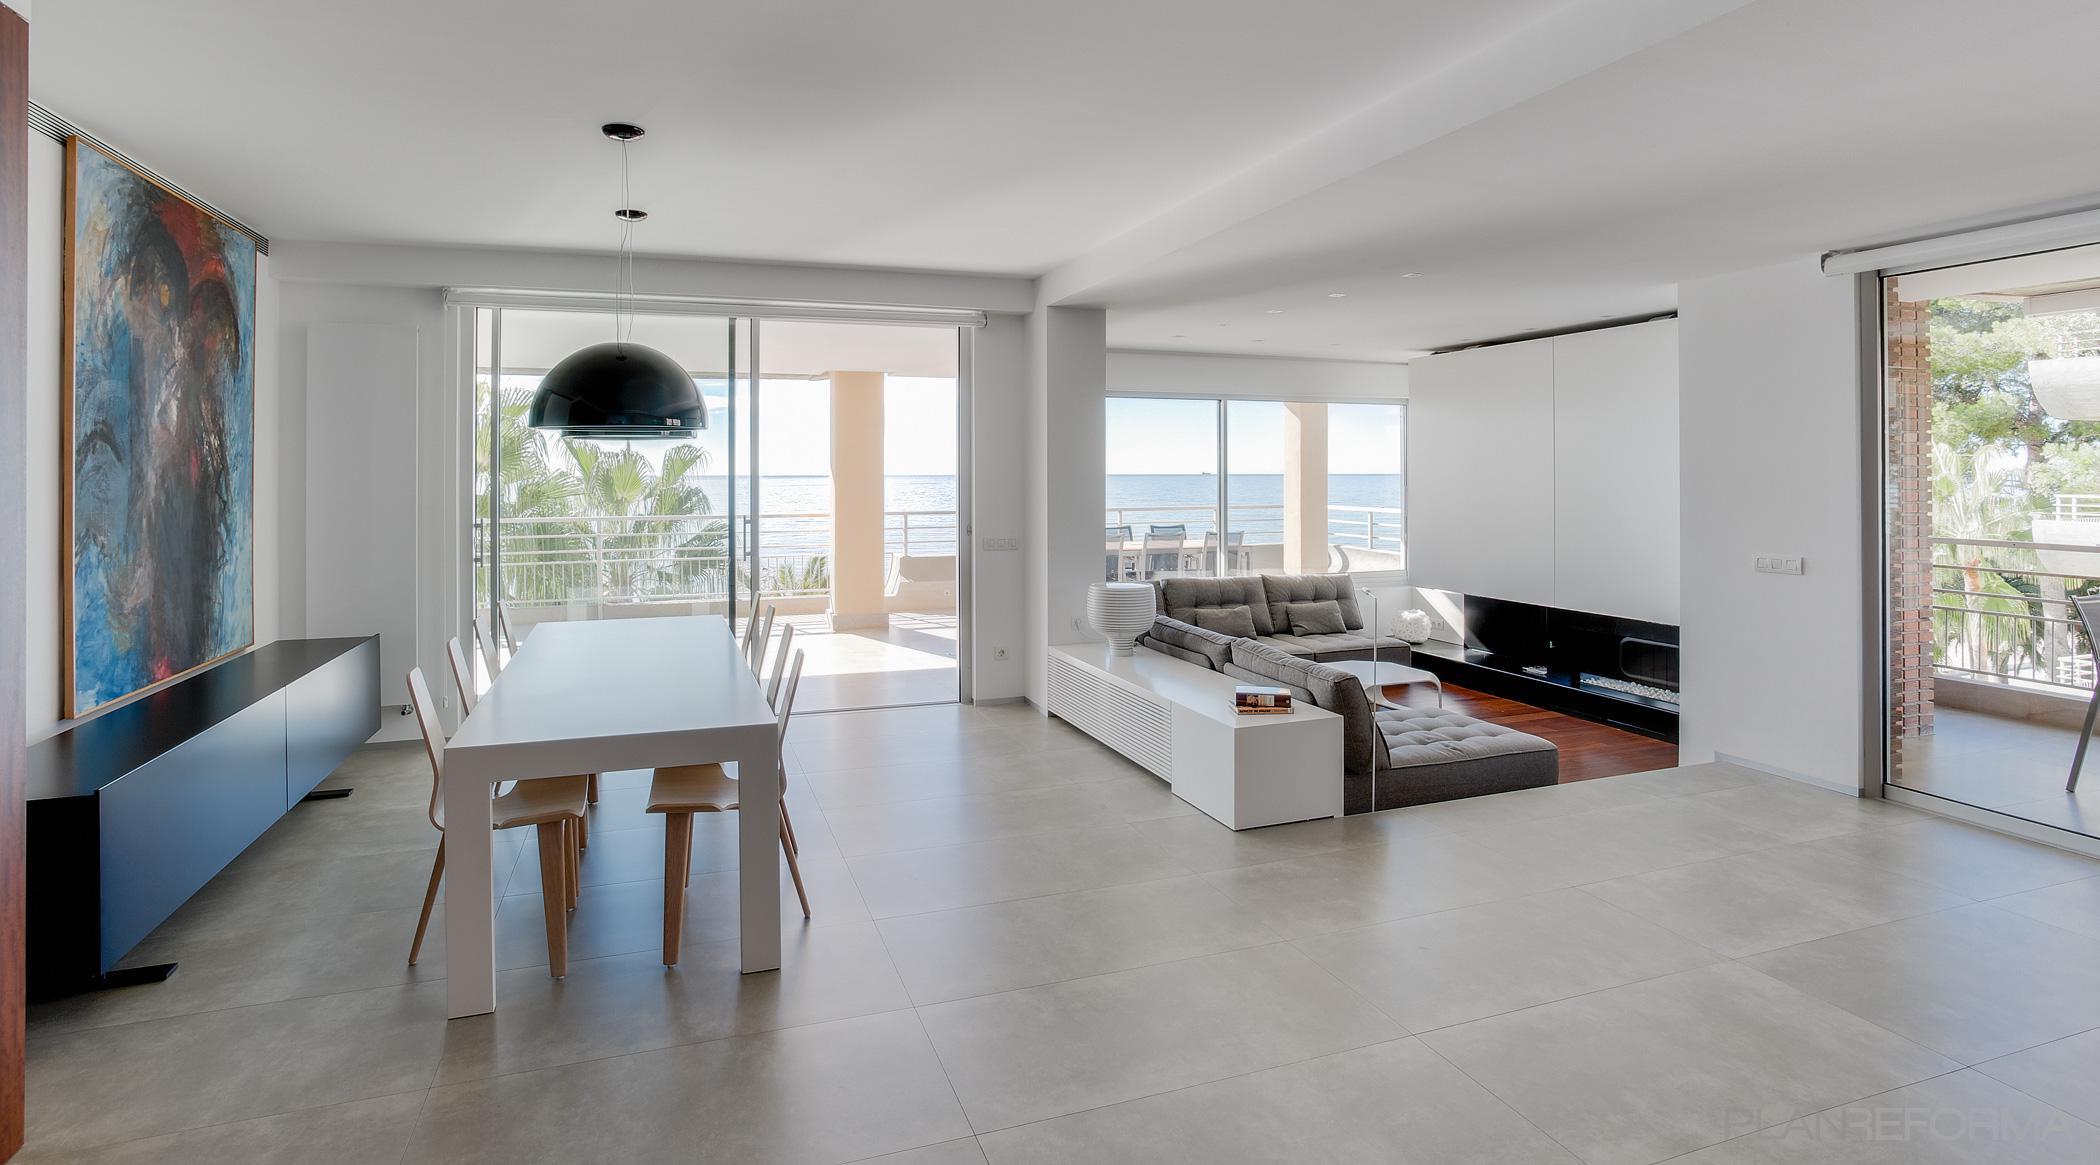 Comedor terraza salon style contemporaneo color marron - Comedor terraza ...